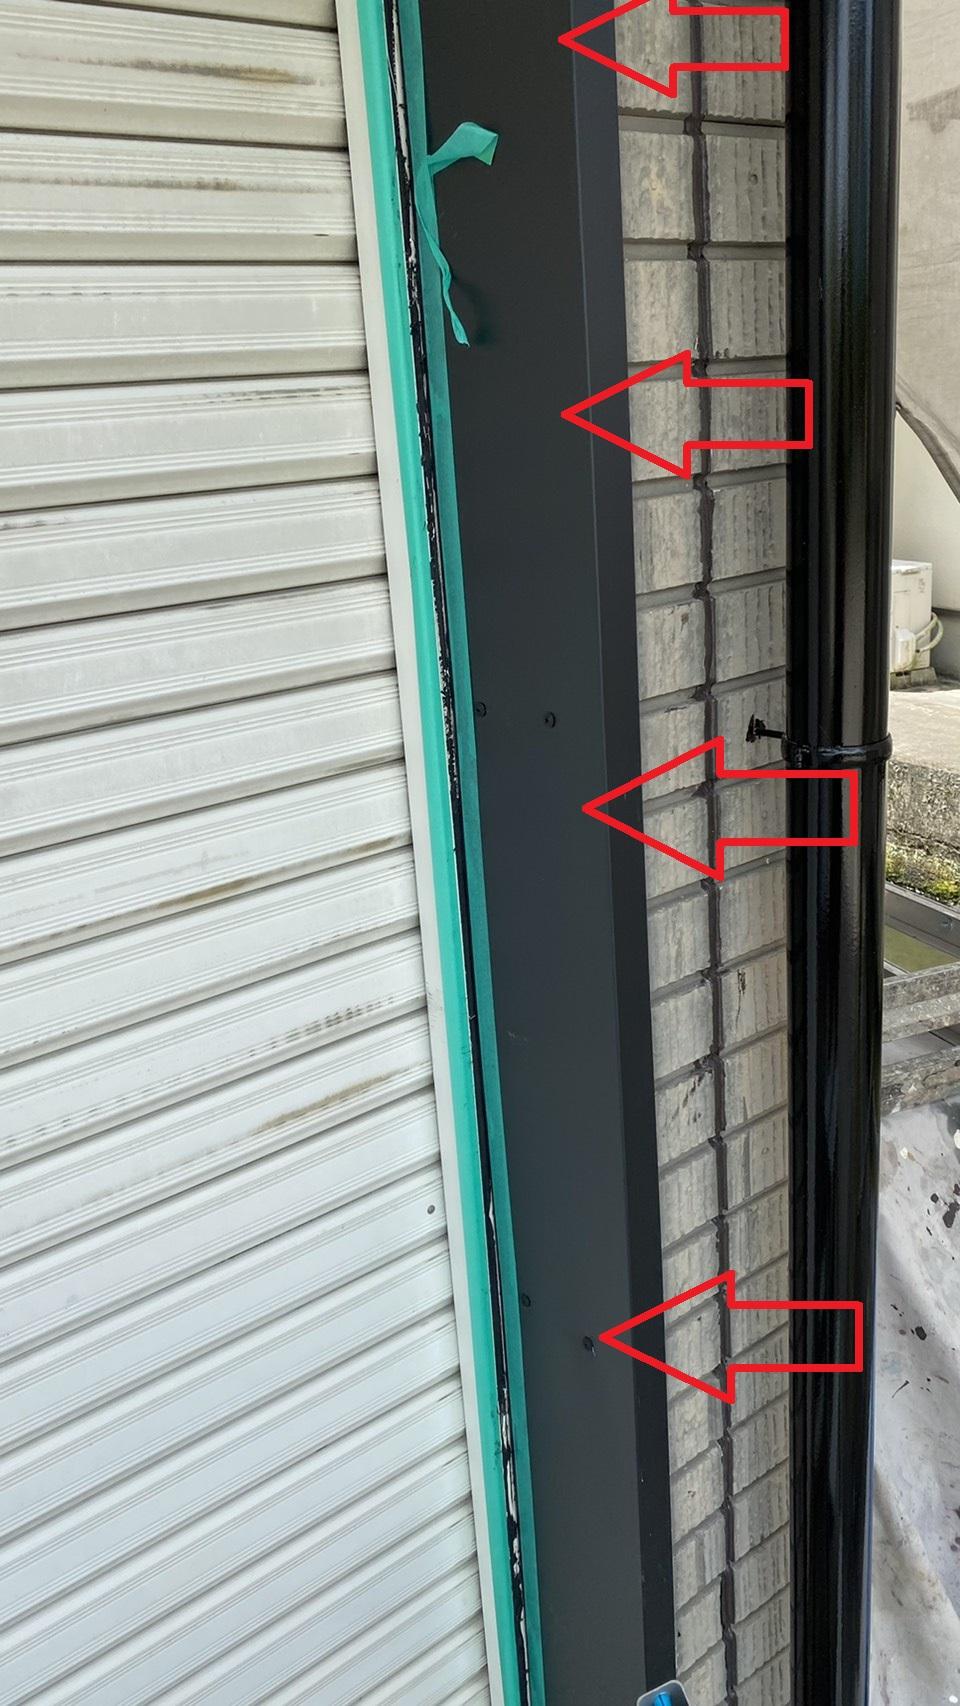 三木市での板金工事でシャッター枠に新しい板金を貼り付けた様子